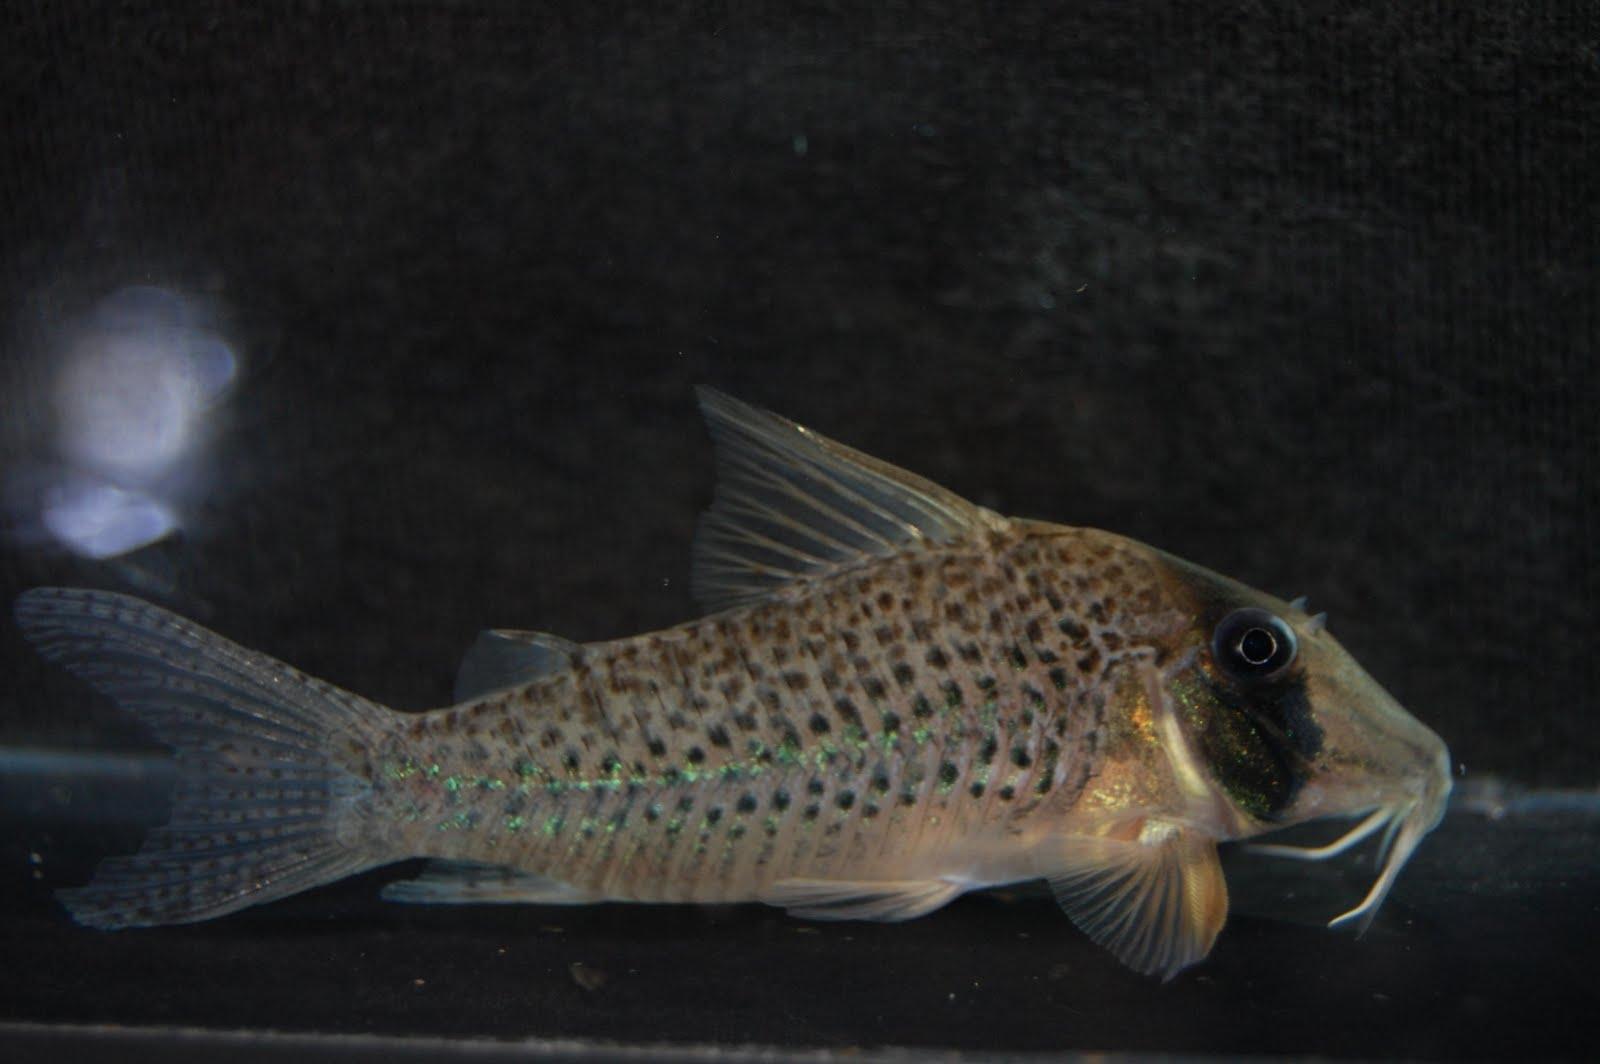 pier aquatics new arrivals corydoras sp c53  new arrivals c 53 #6